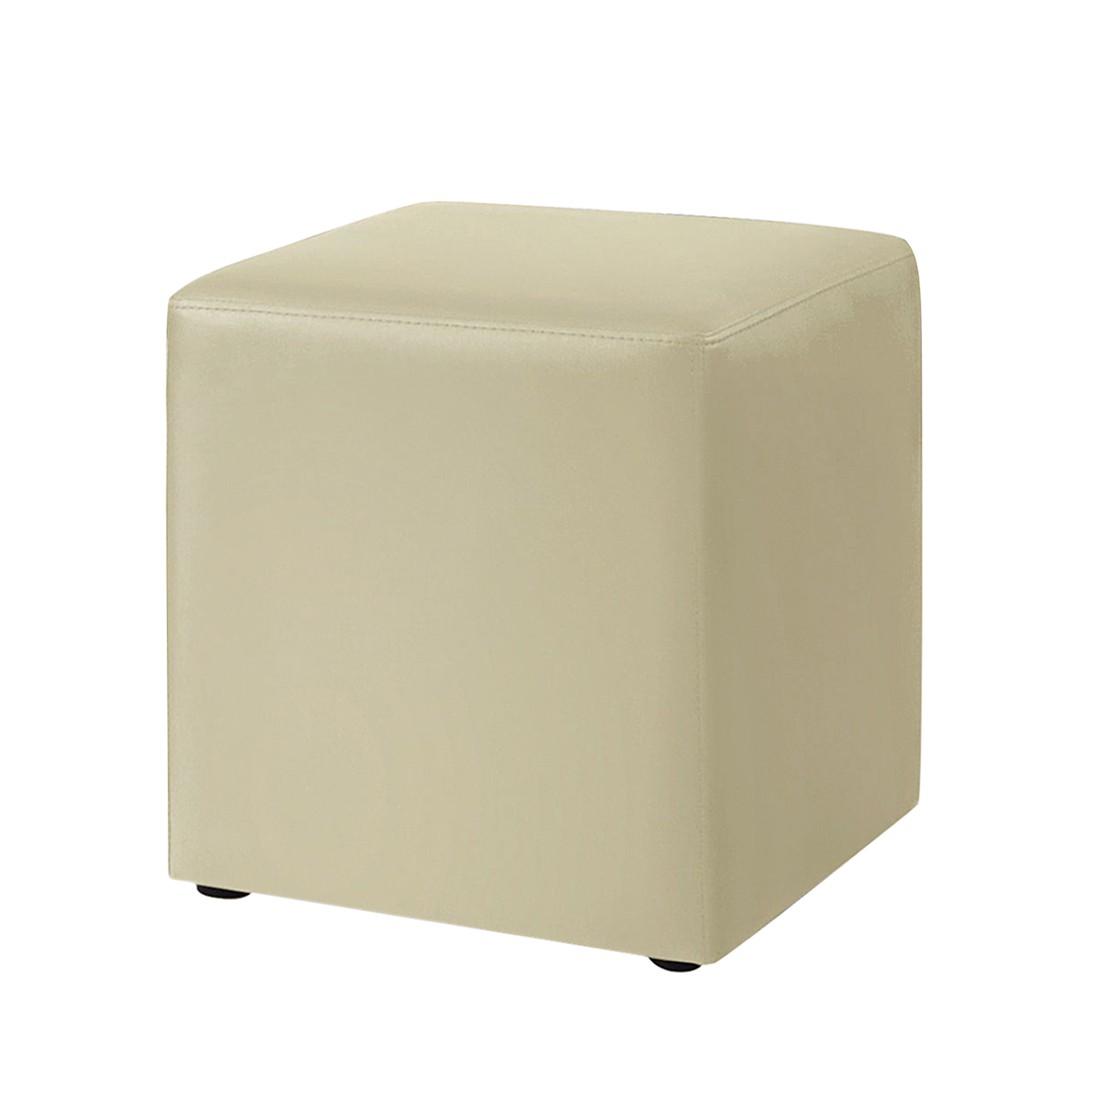 meise moebel cube capitonne cube prix et meilleures offres. Black Bedroom Furniture Sets. Home Design Ideas